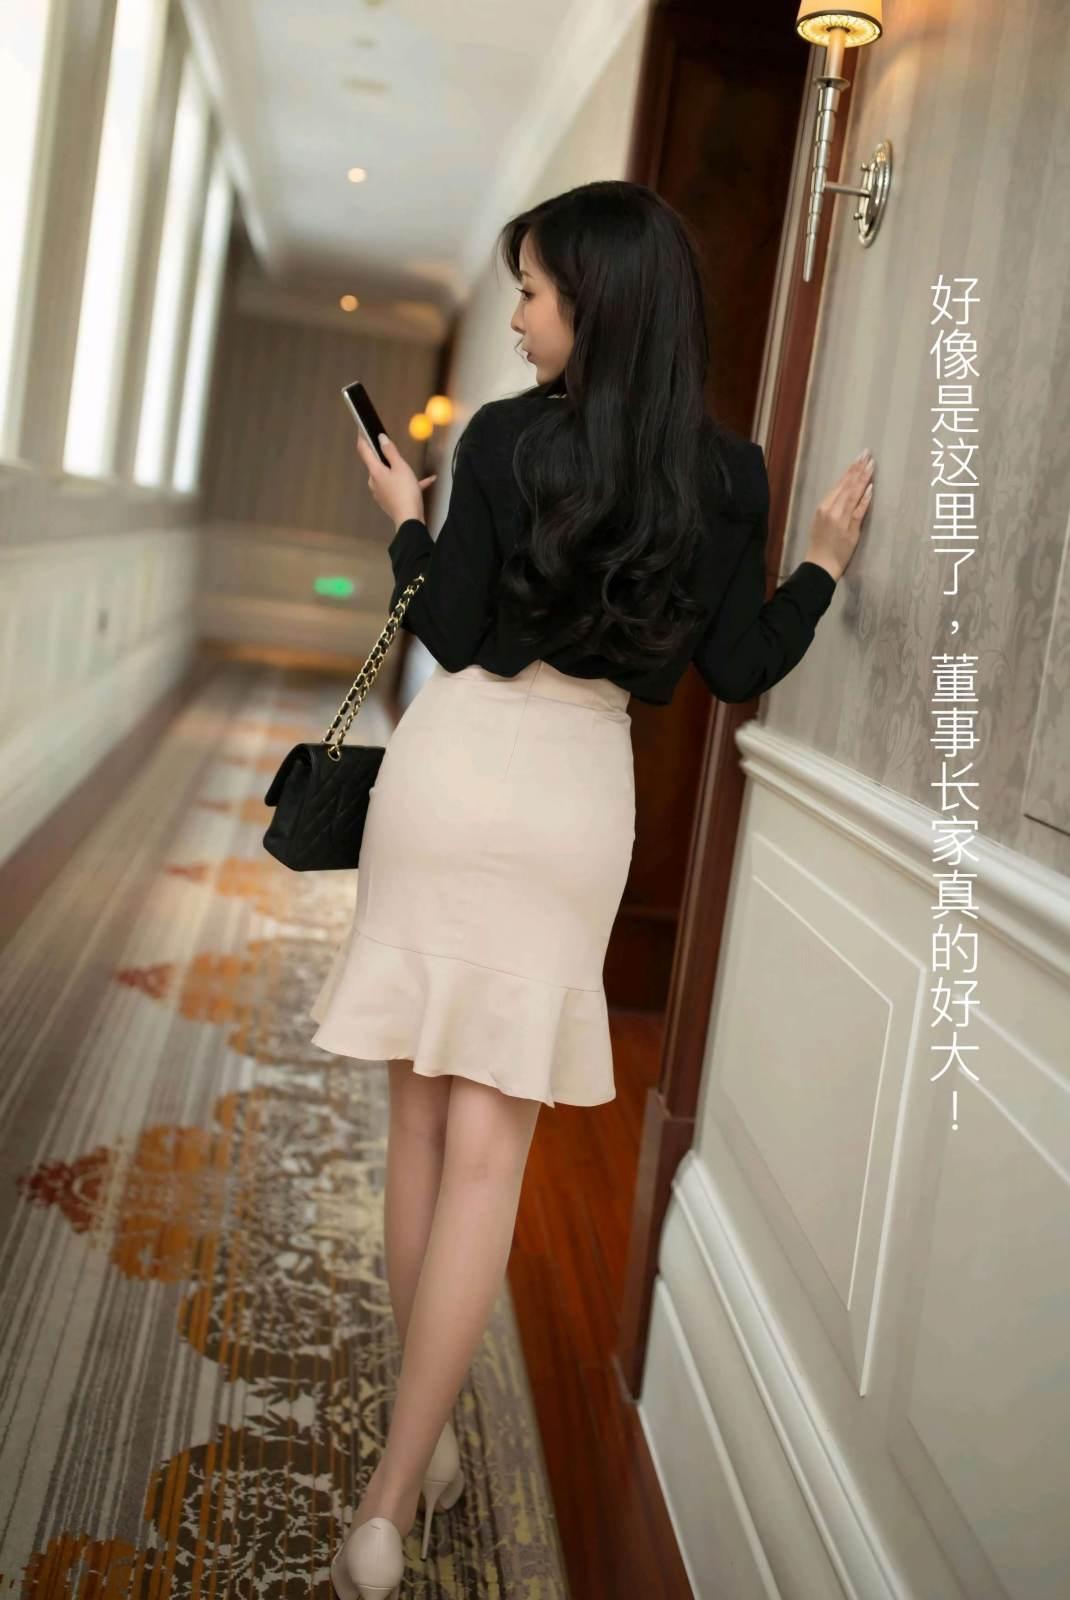 第192期上门拜访董事长陈小喵(丝袜,肉丝,高跟)_图片4